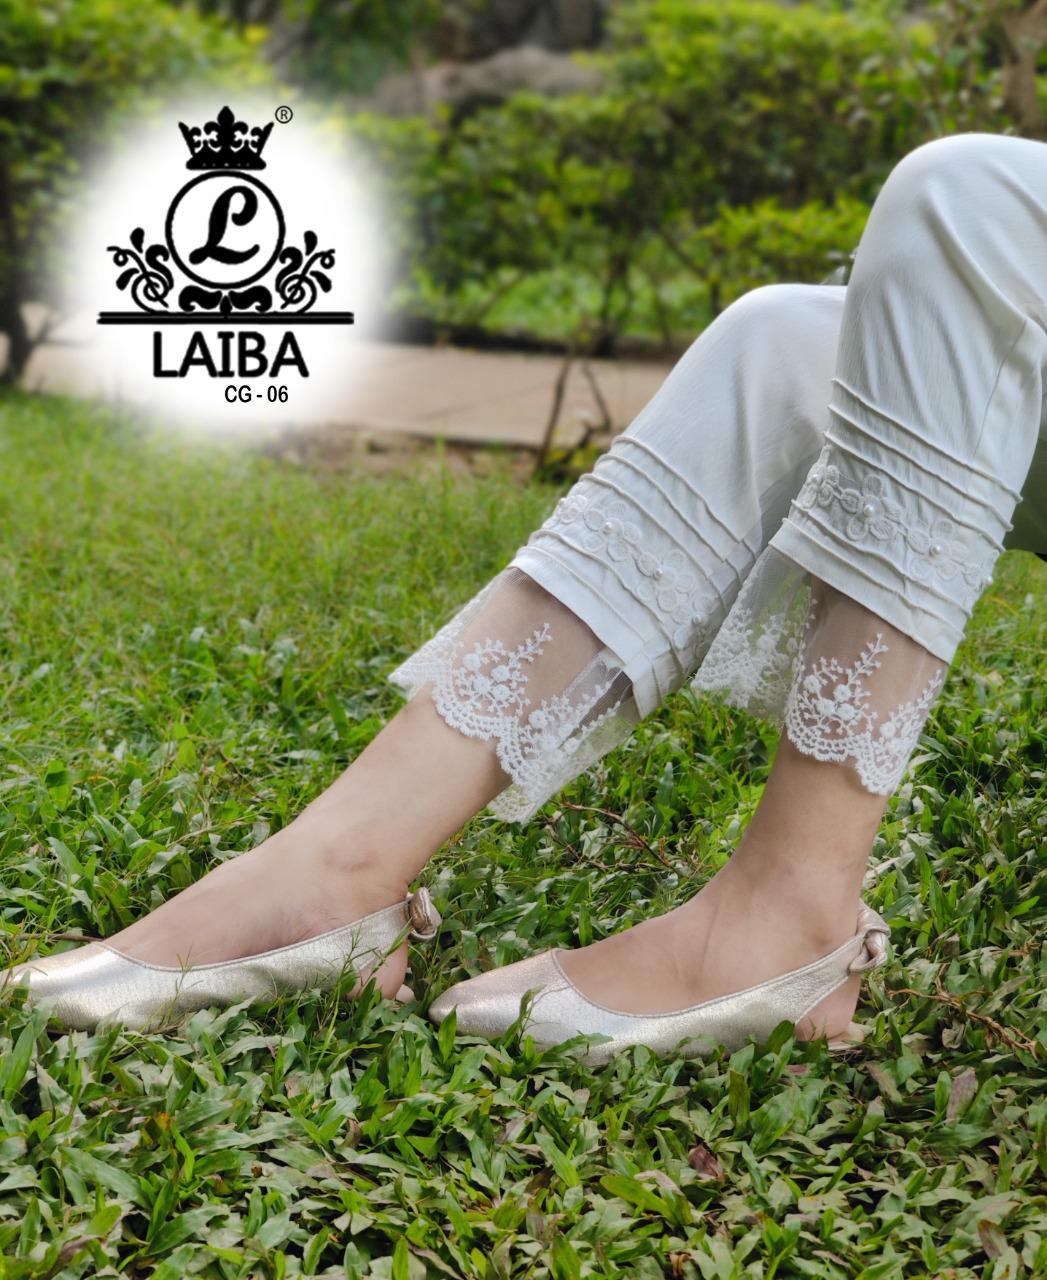 LAIBA CG 06 WHITE CIGARETTES PANTS MANUFACTURER